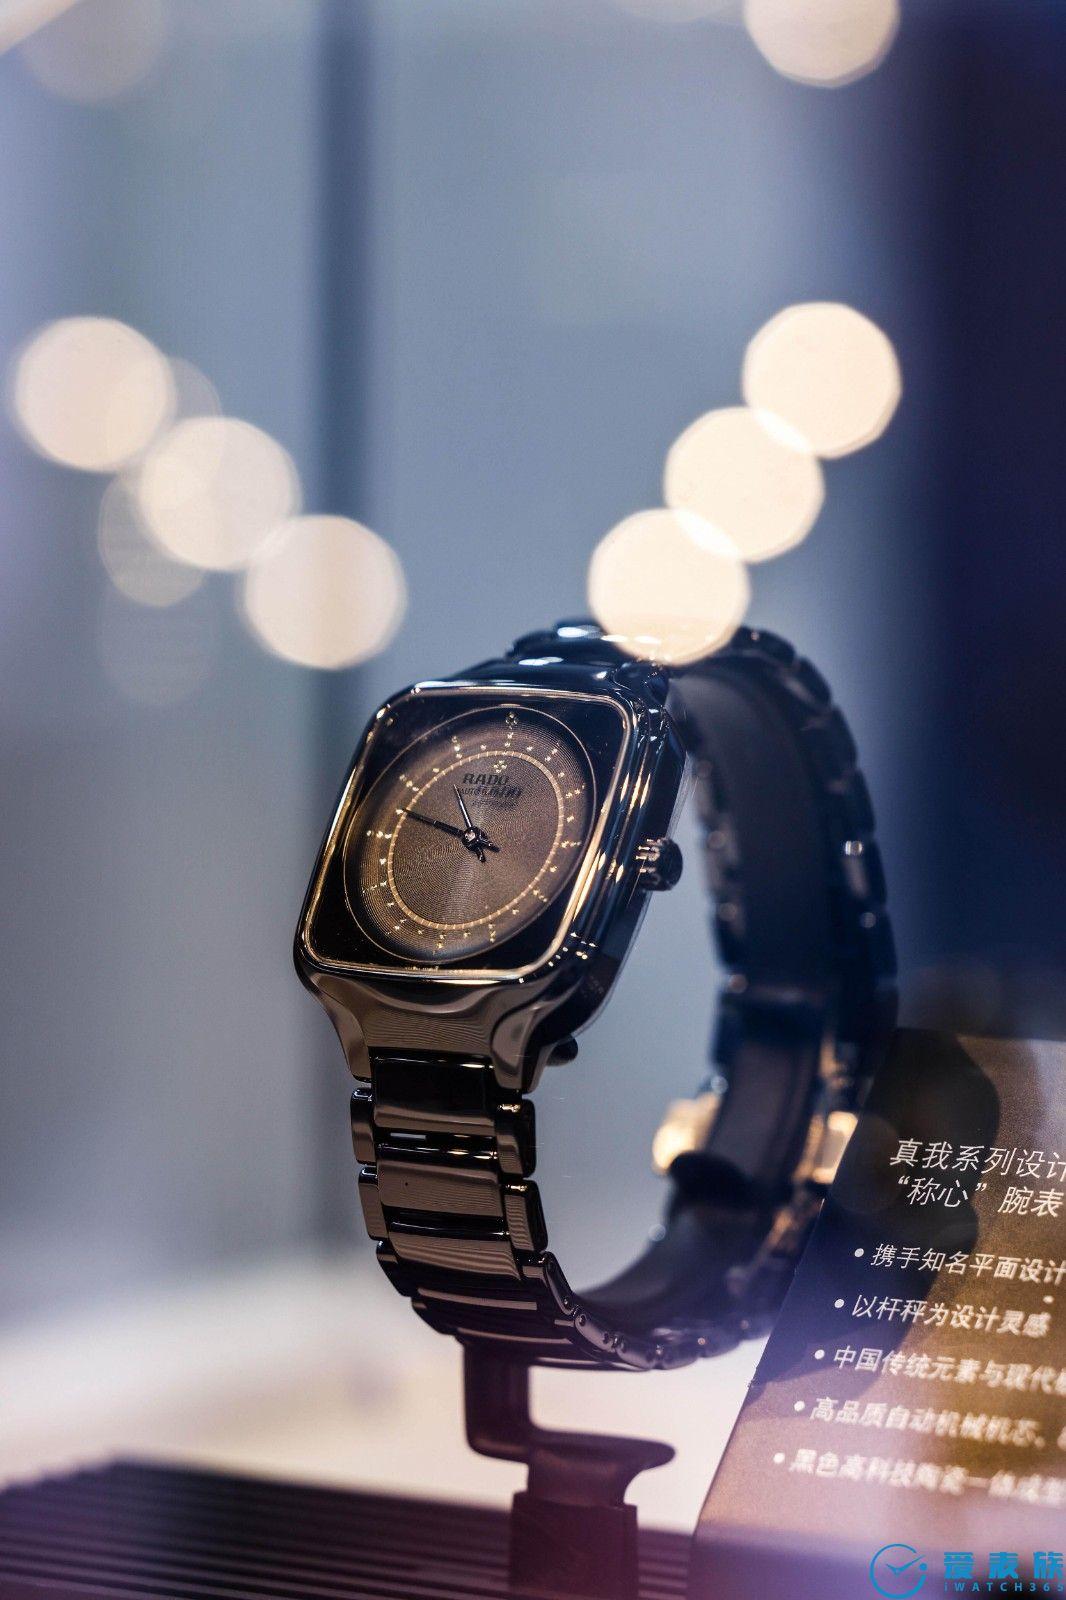 """玩转腕上先锋设计 Rado瑞士雷达表""""设计之家""""亮相""""设计上海"""""""